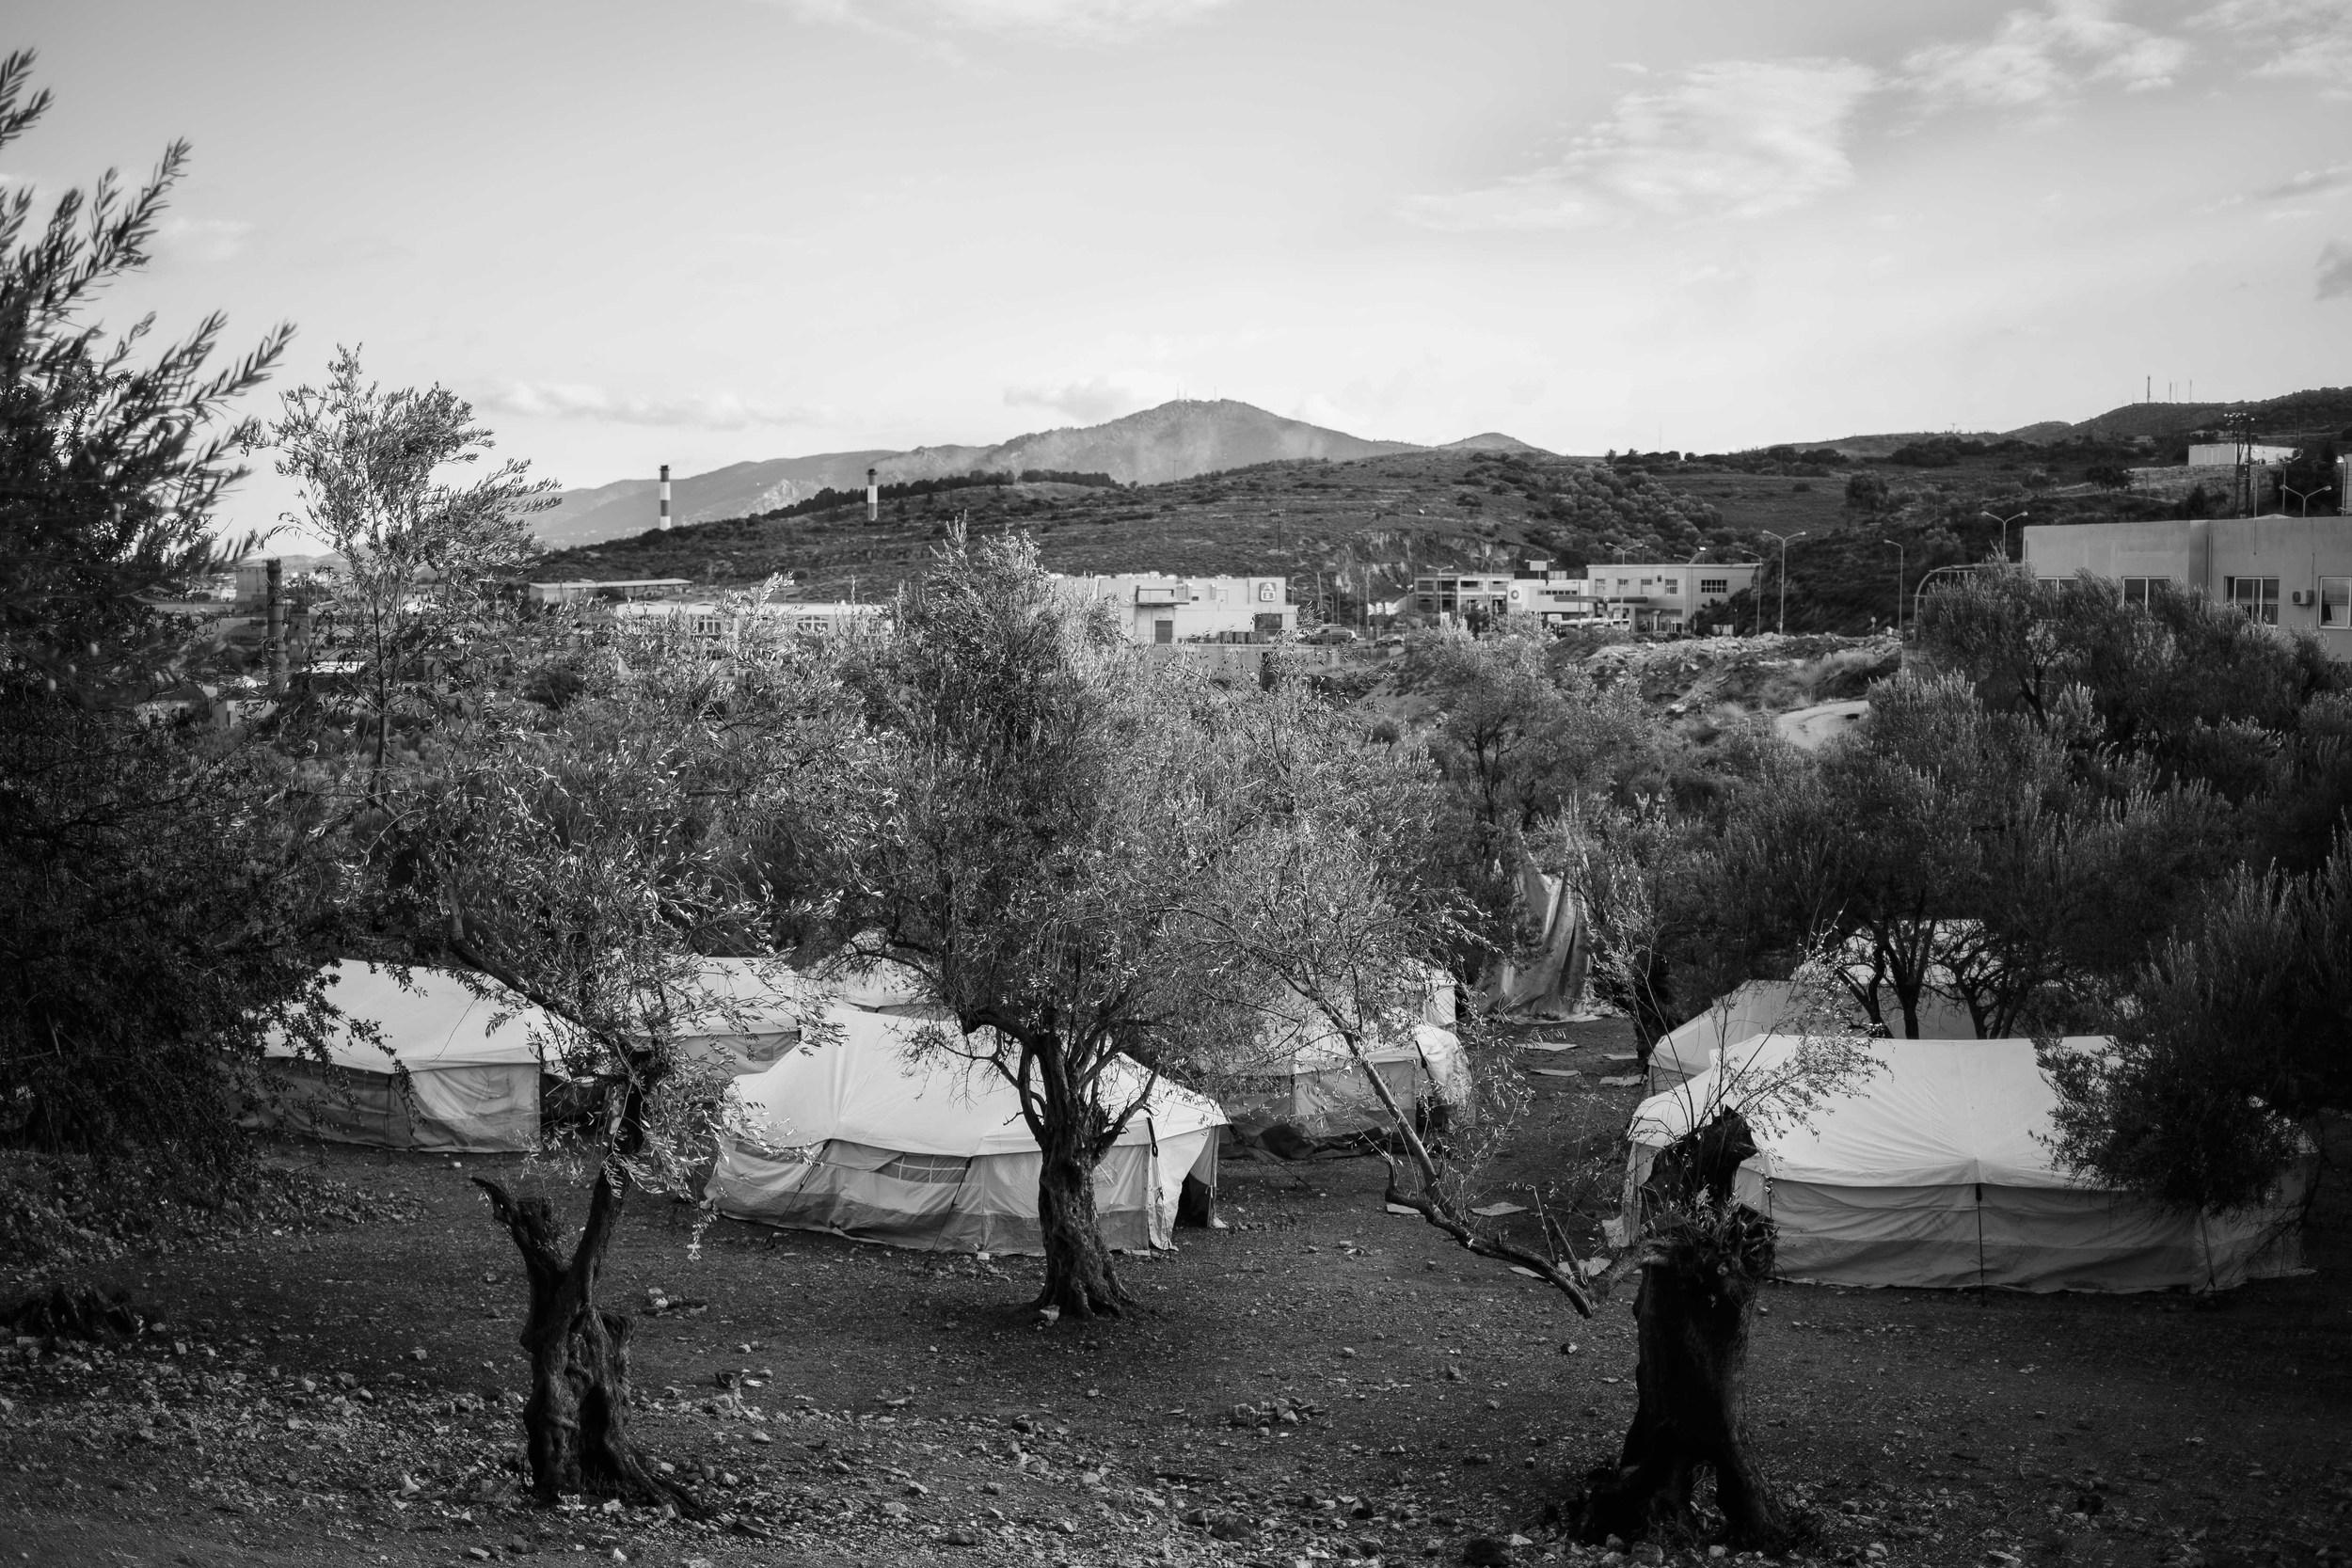 Kara Tepe Refugee camp, Lesbos.